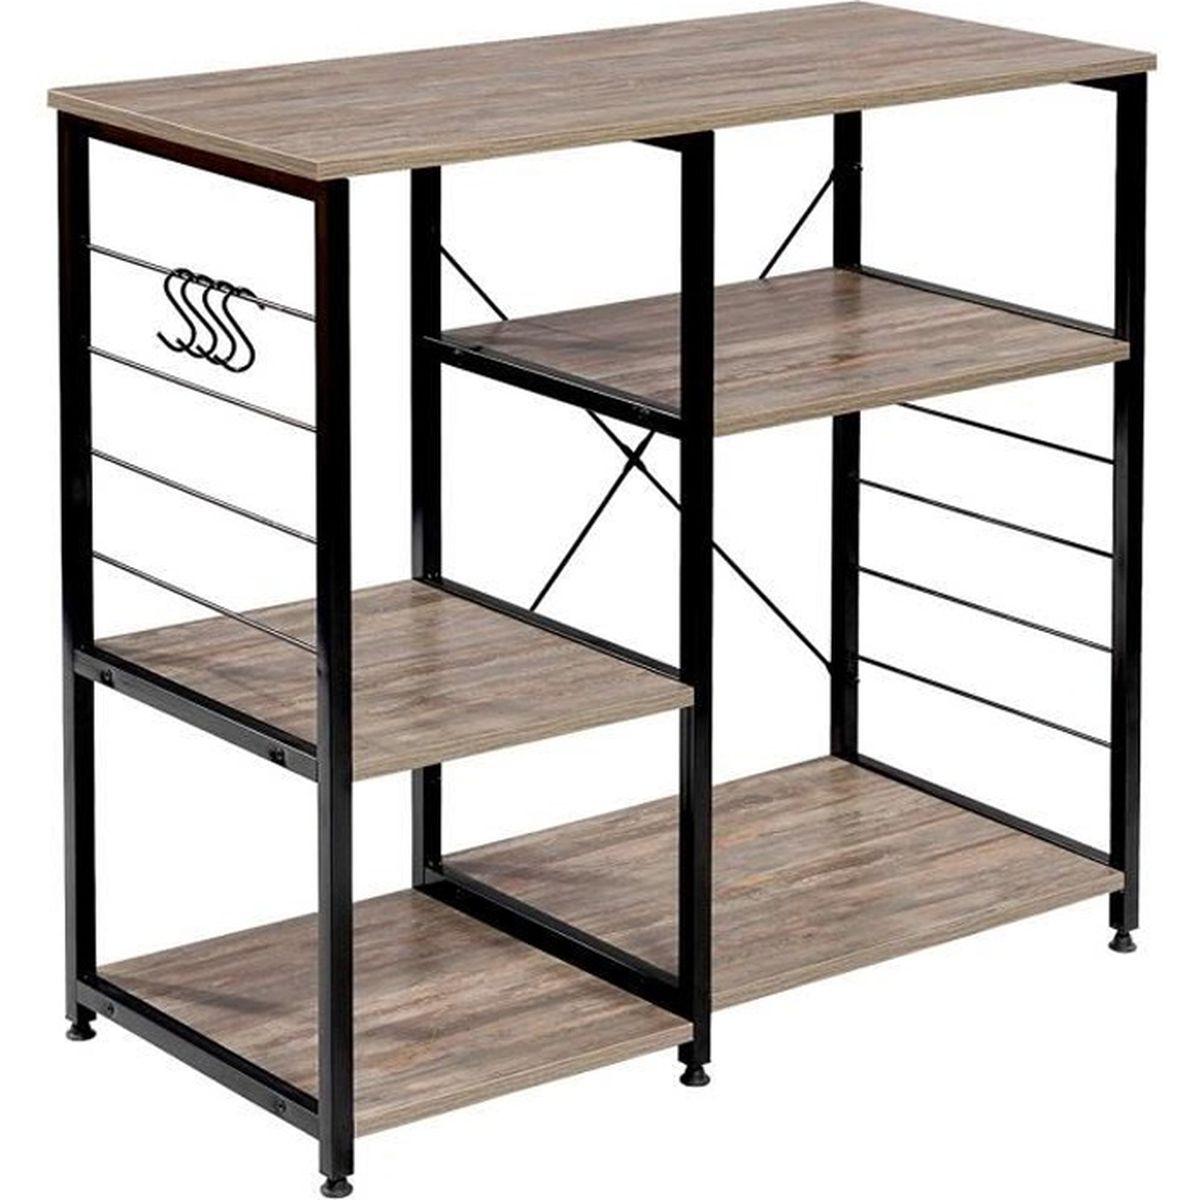 Etagere Dessus Micro Onde woltu etagère four à micro-ondes, etagère de cuisine en métal et bois,  90x40x83.5 cm, noir+hêtre foncé